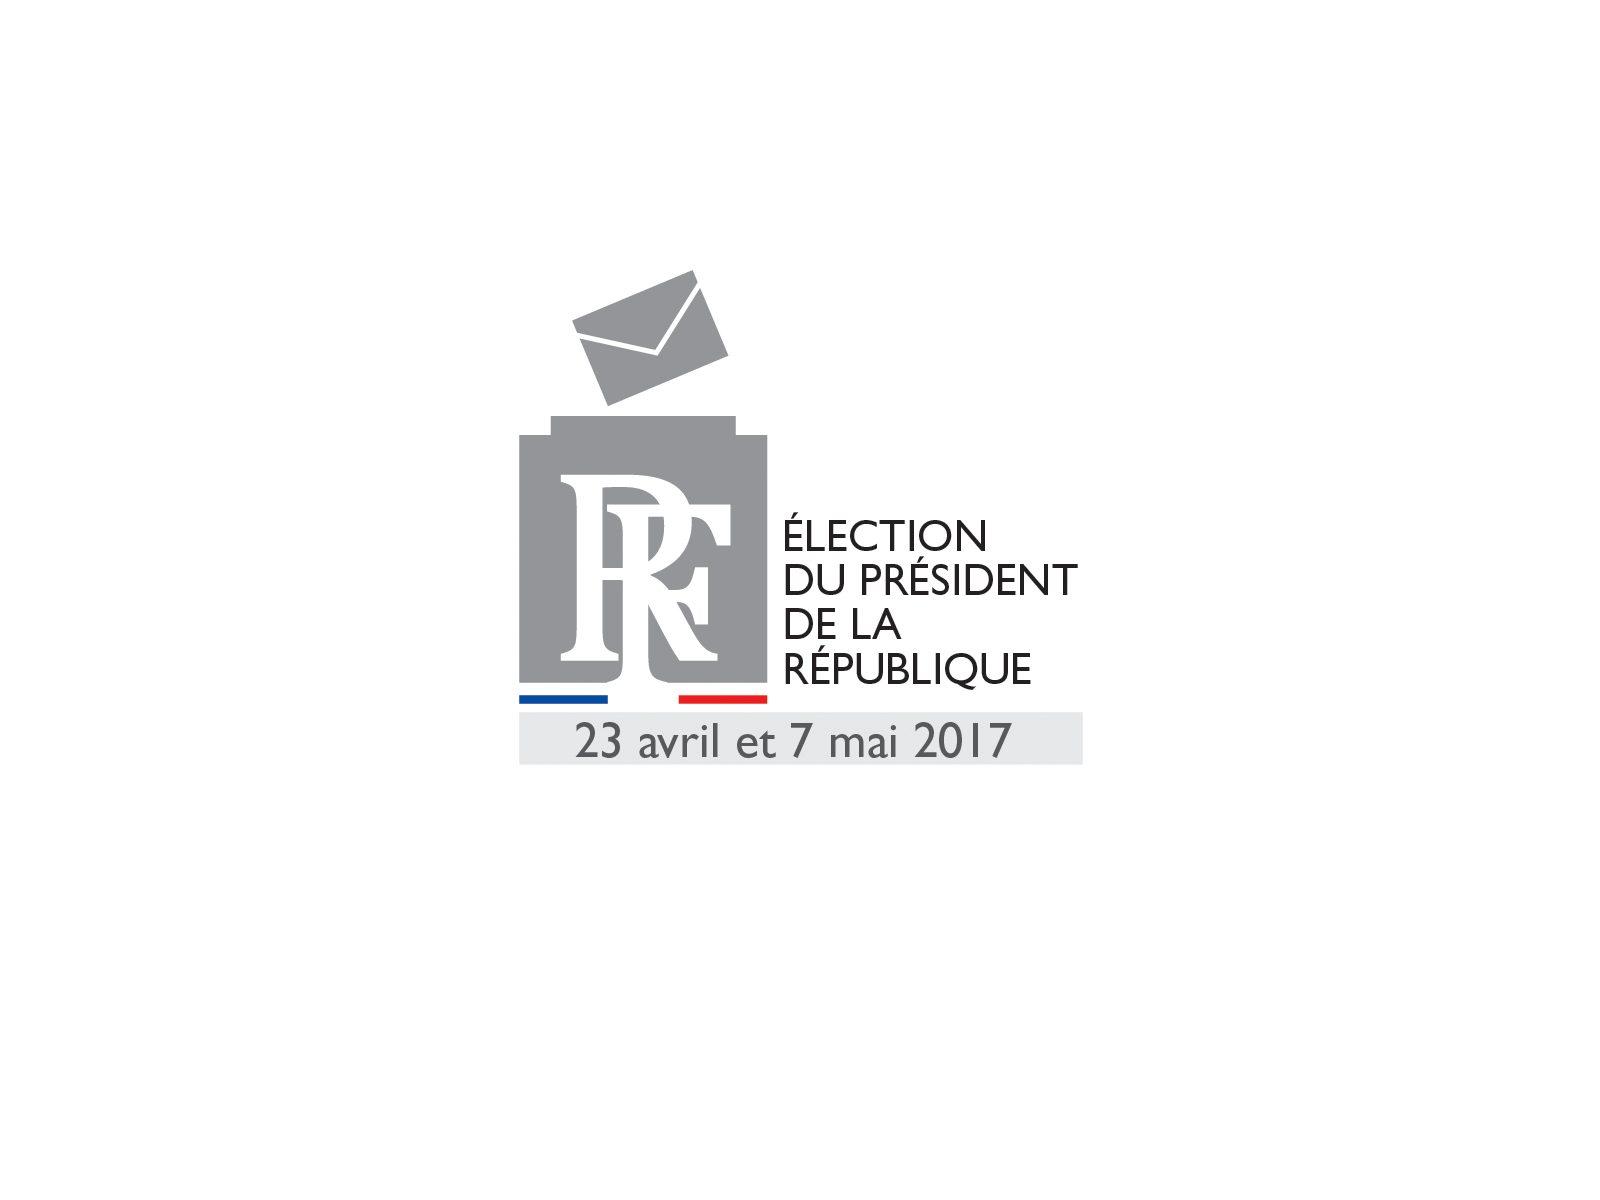 Résultats du 1er tour des élections présidentielles 2017 (villes et départements du Grand Est)